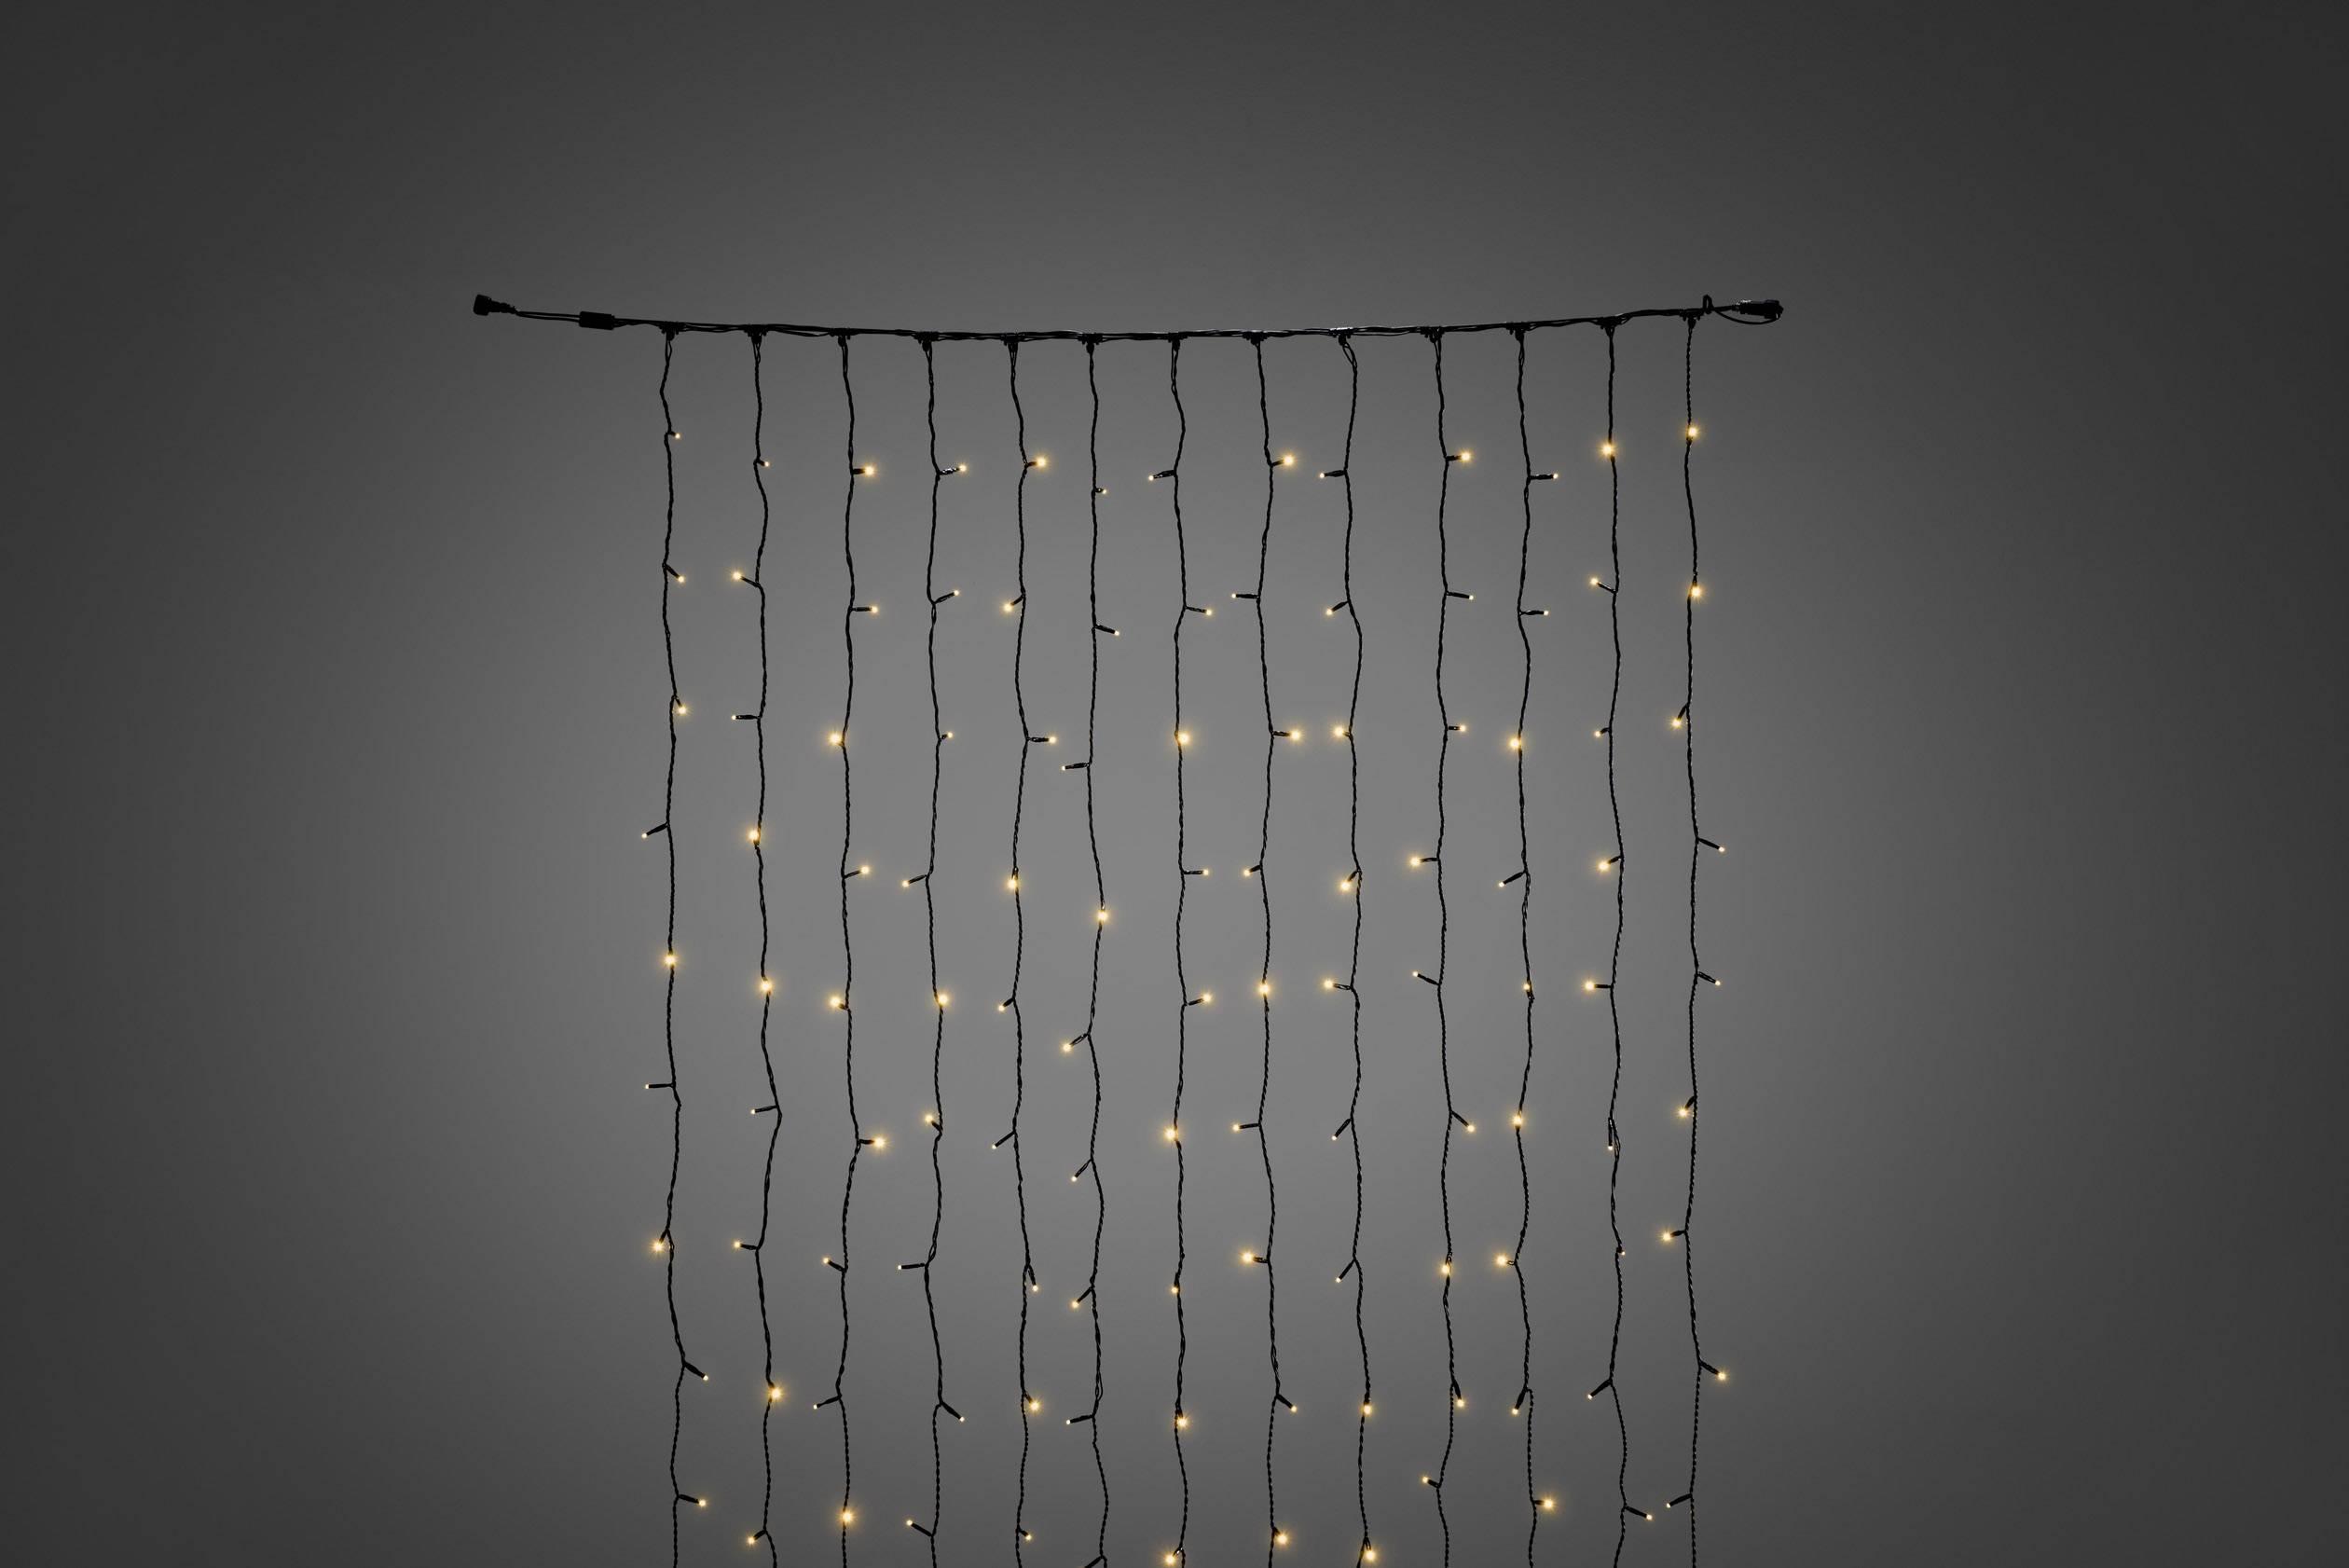 LED rozšíření systému světelného závěsu 31 V světelený závěs jantarová Konstsmide